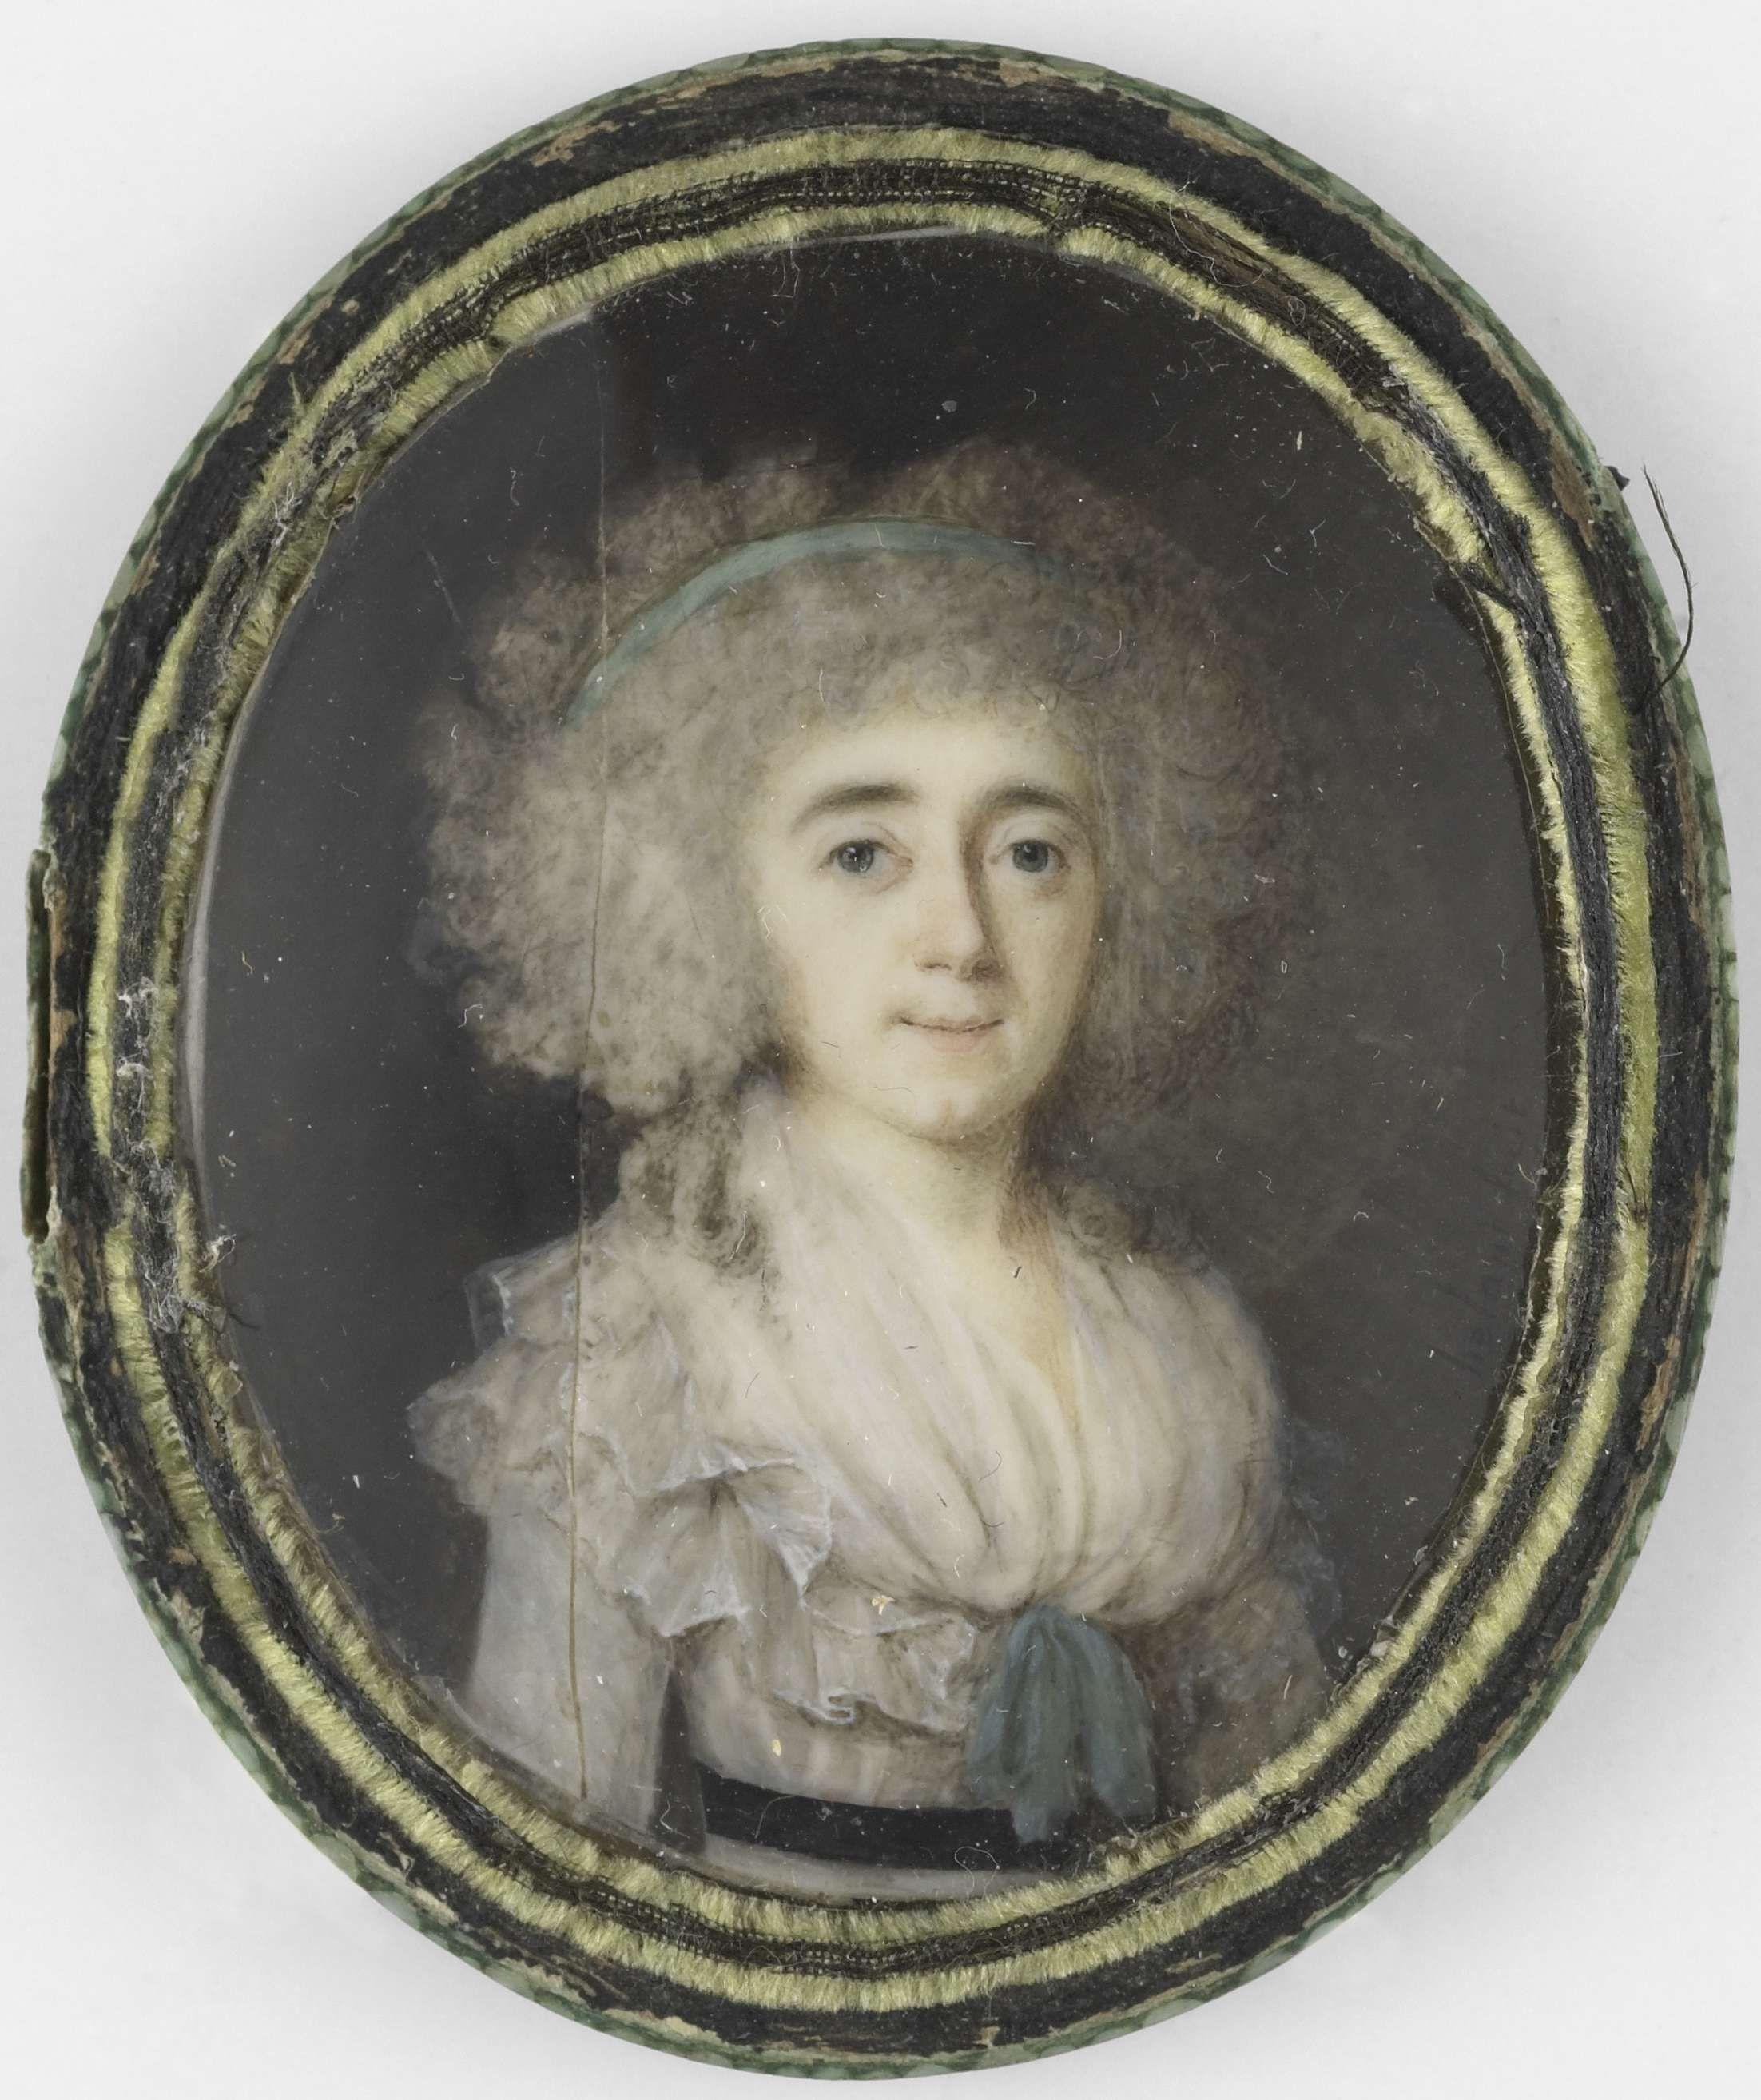 Anthonie Joseph Helant   Portret van een vrouw, Anthonie Joseph Helant, 1790 - 1800   Portret van een vrouw. Ten halven lijve, iets naar rechts. Onderdeel van de collectie portretminiaturen.